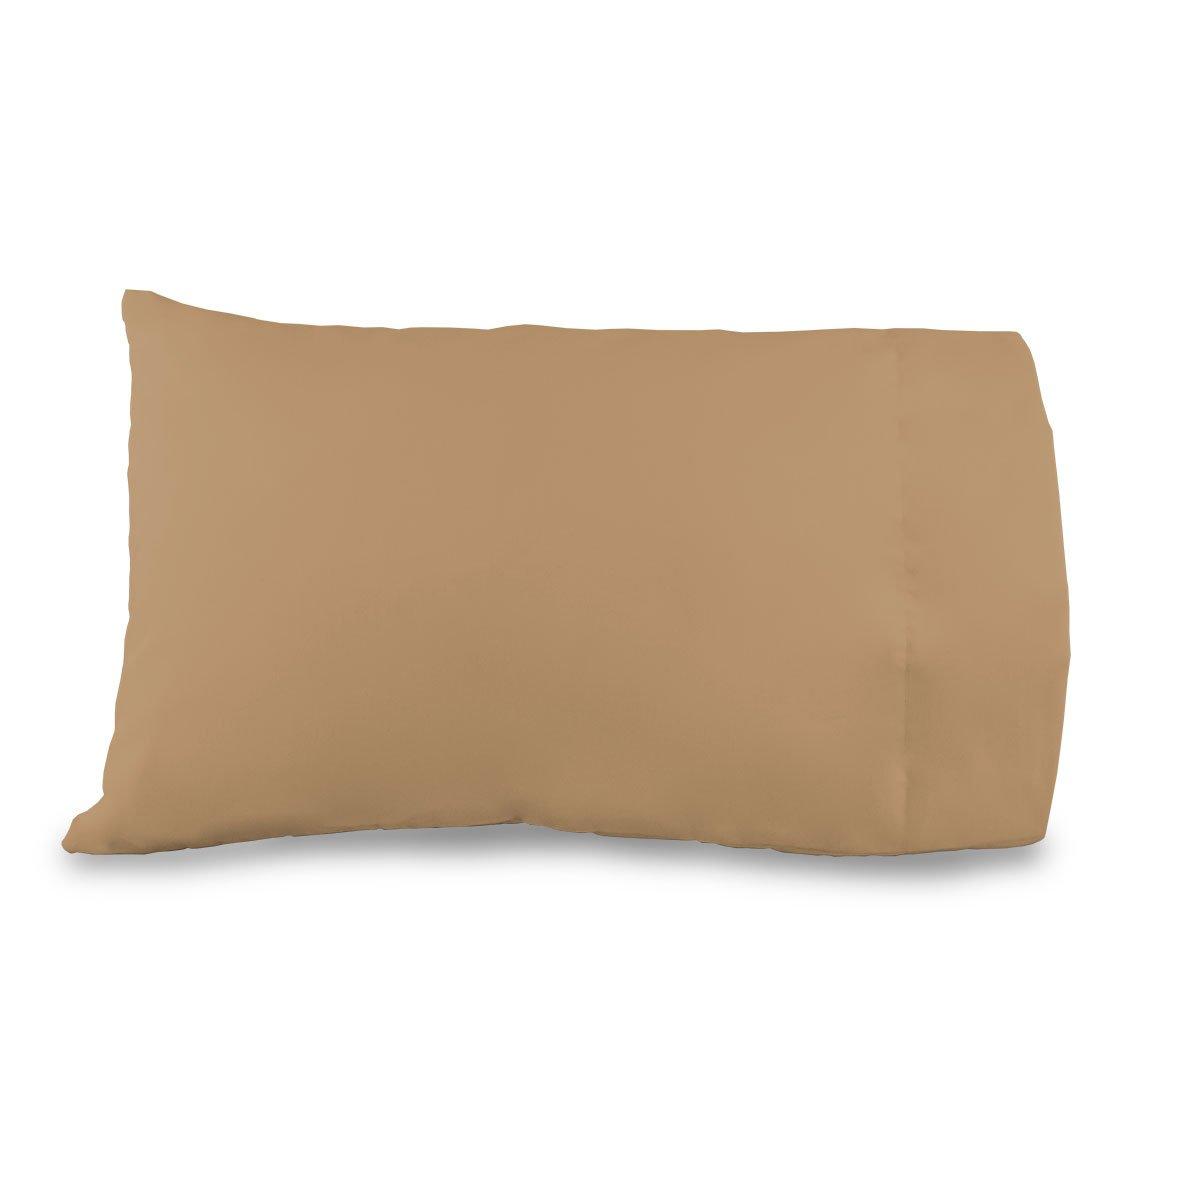 12x18 Pillowcase Travel/Toddler size 100% cotton Color: Camel